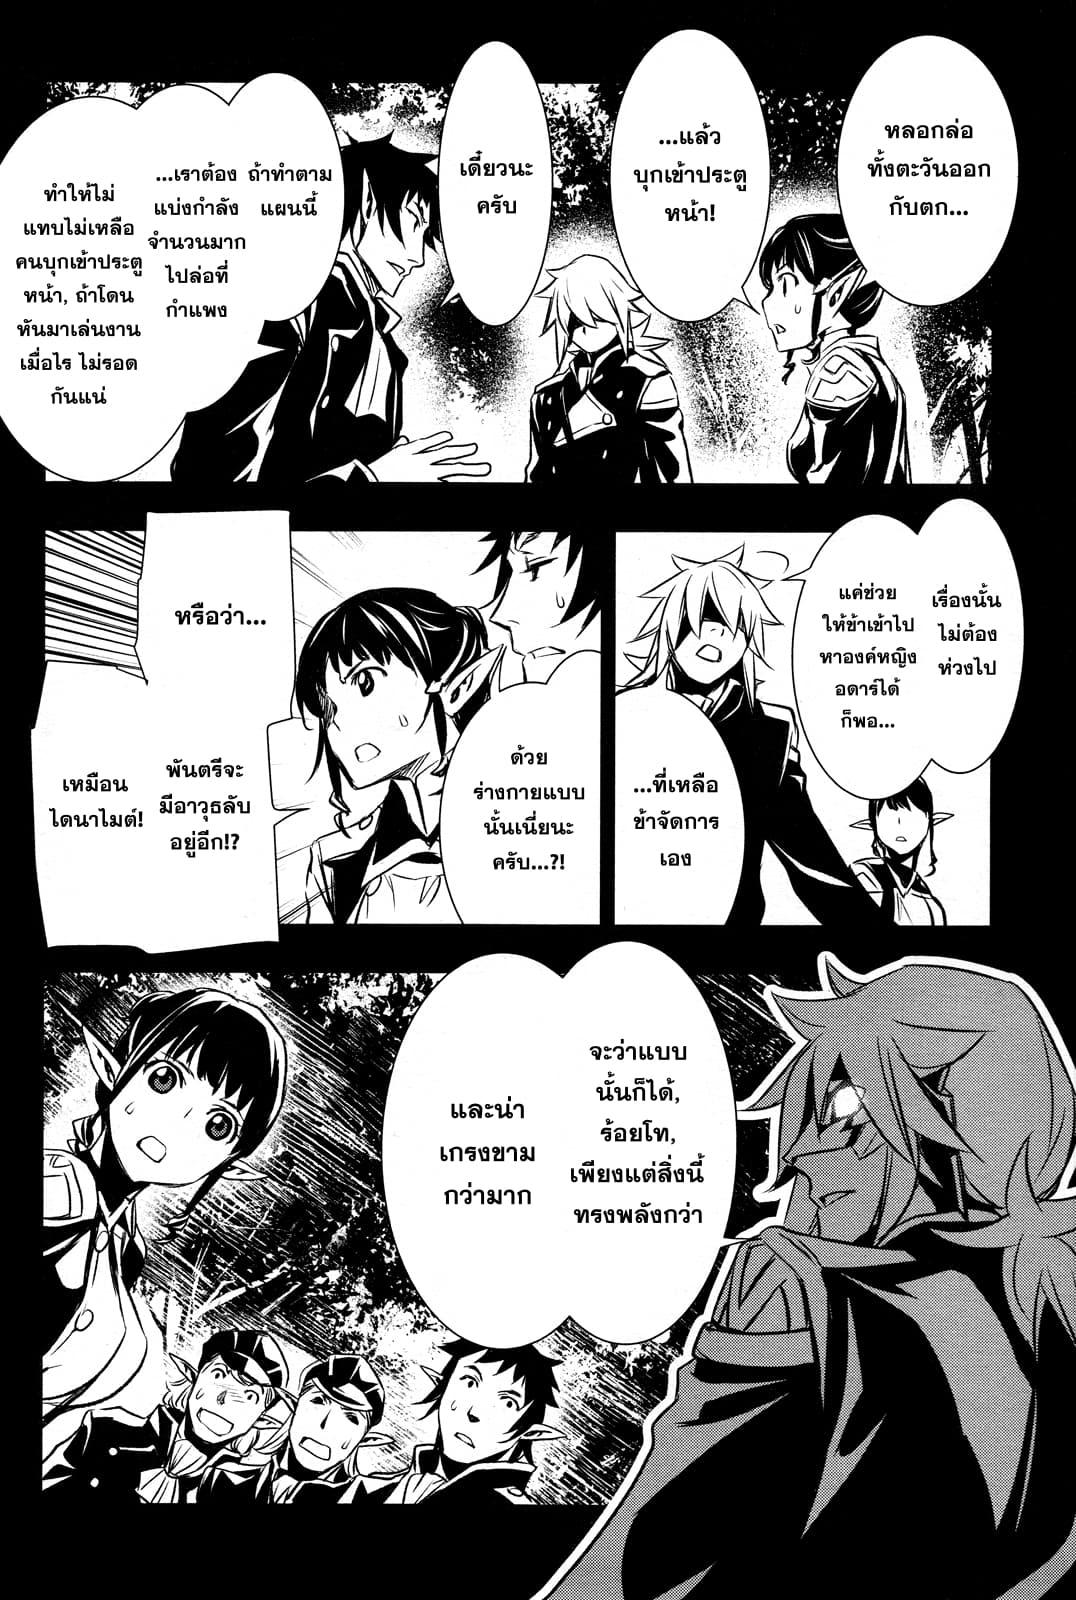 อ่านการ์ตูน Shinju no Nectar ตอนที่ 6 หน้าที่ 34